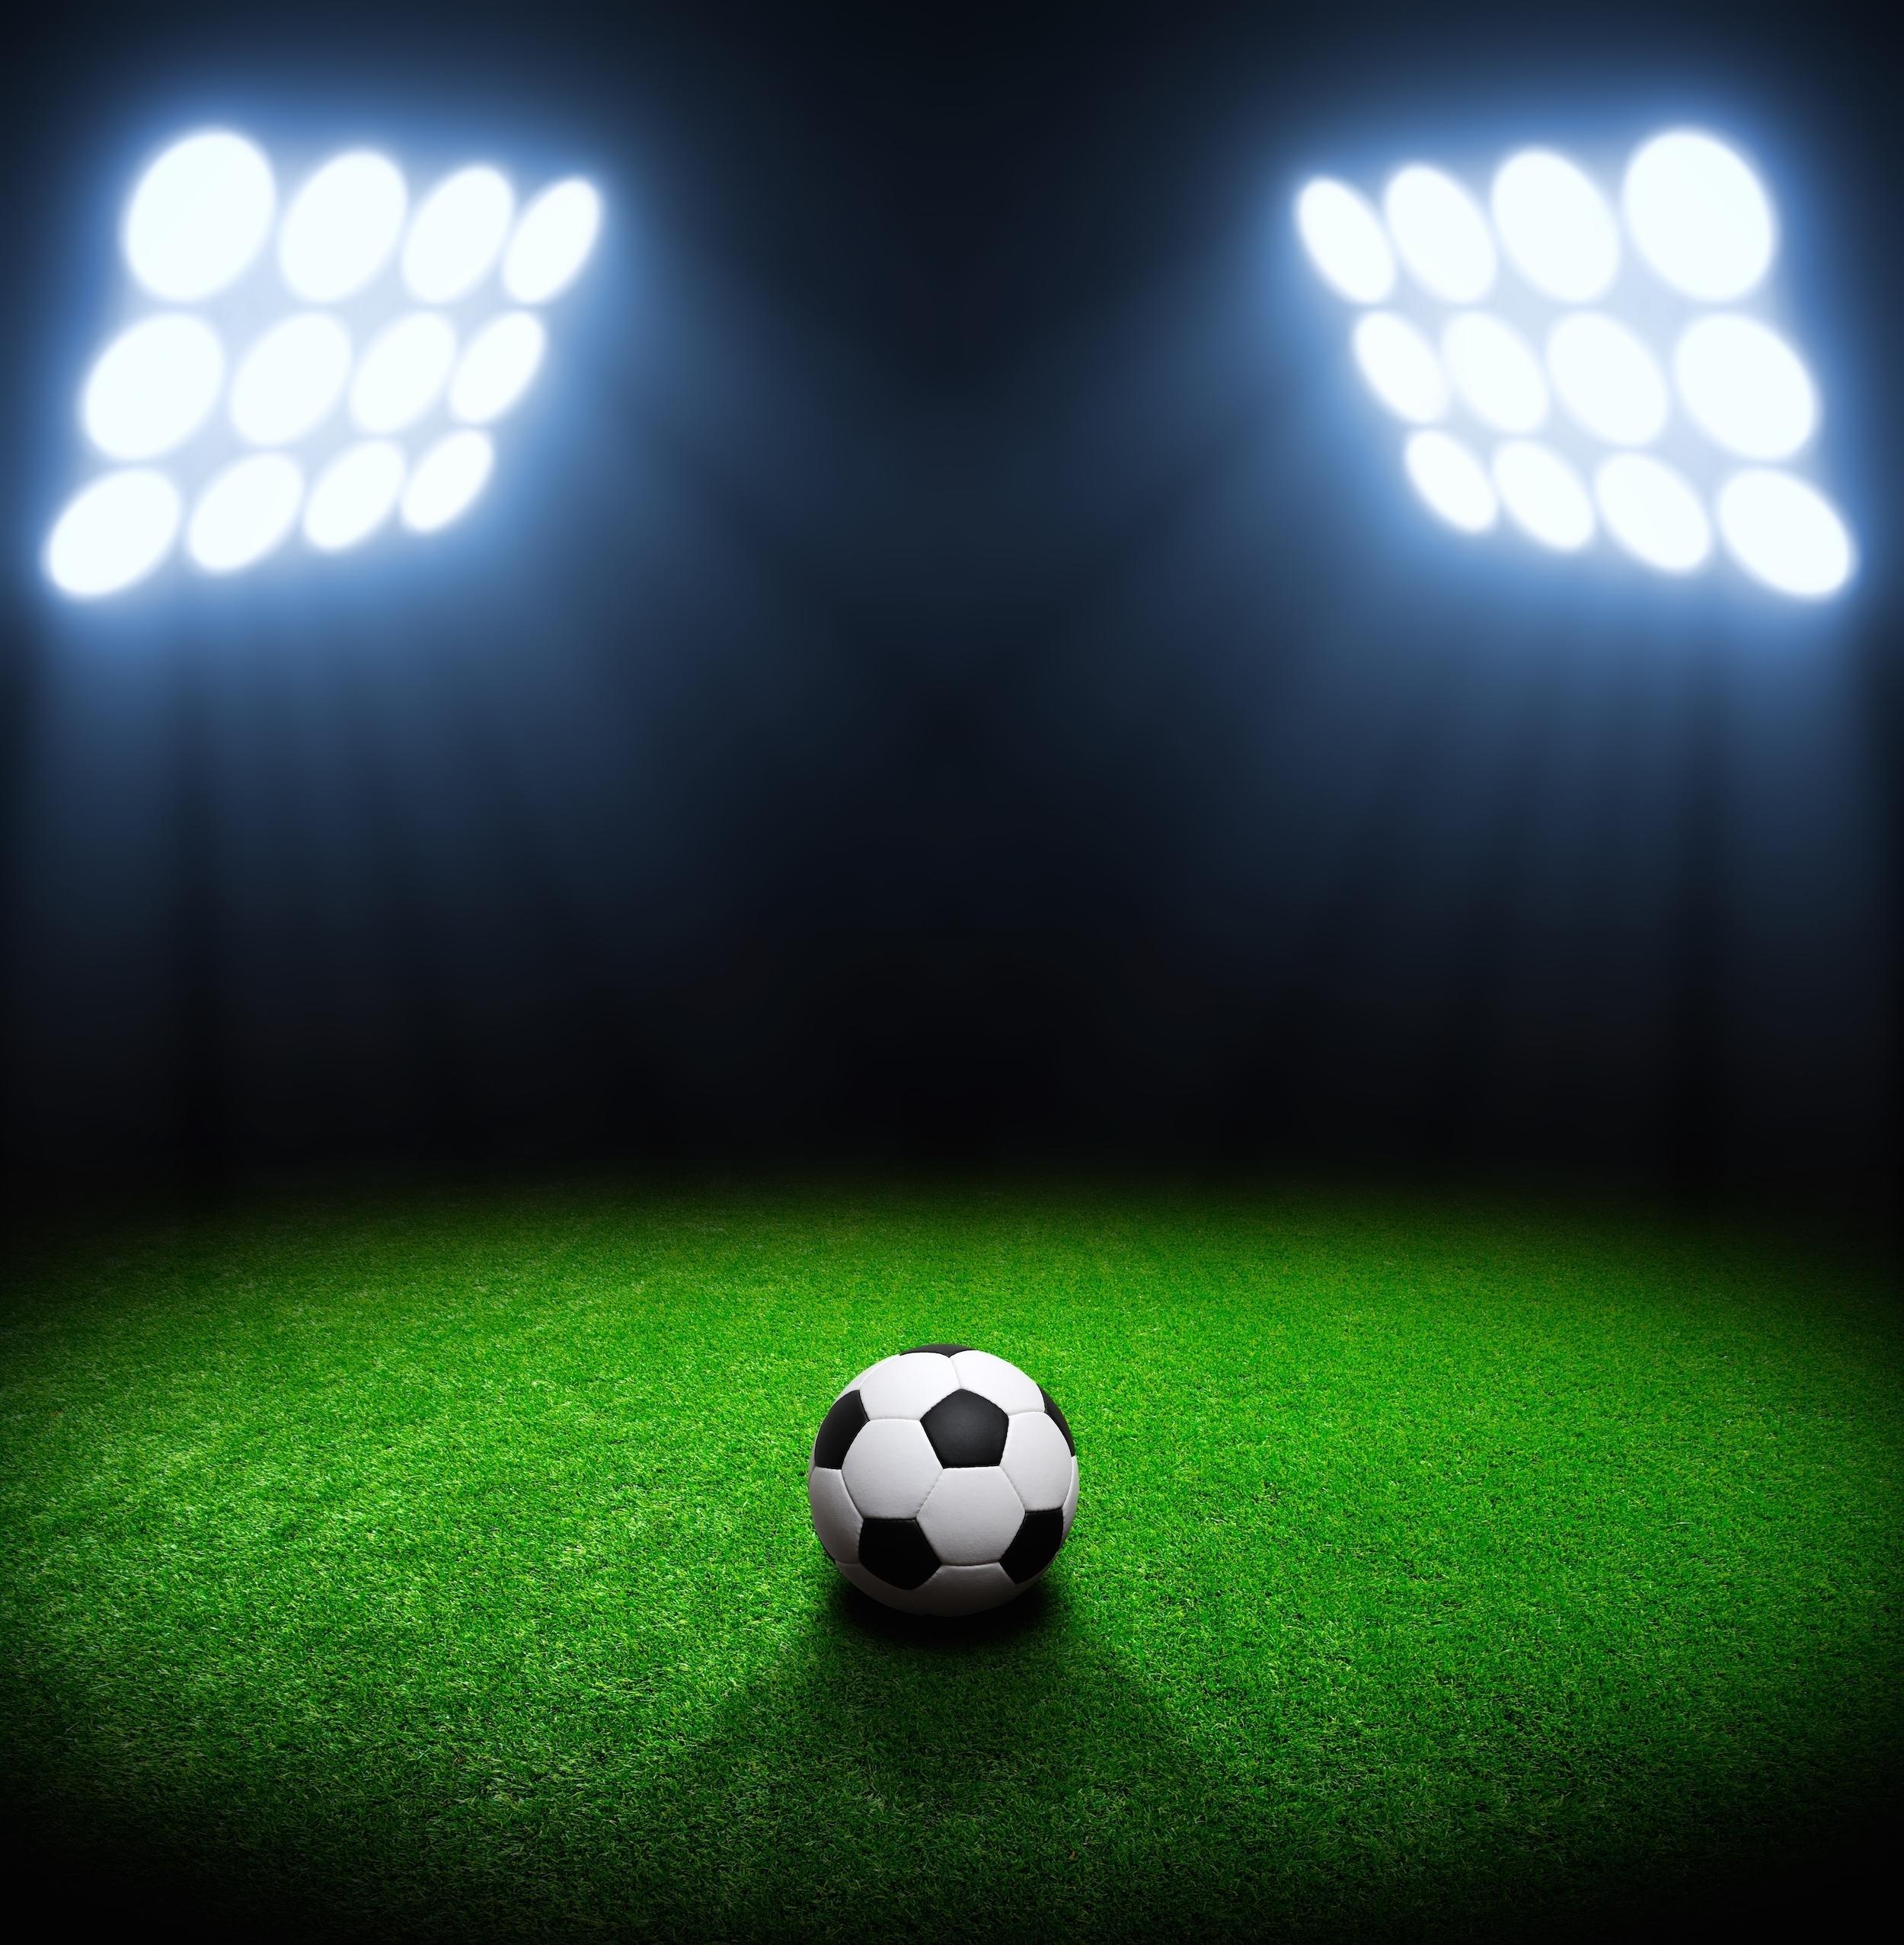 55dec6eaa0ccc0c68e61_8df962bce68f5e6dfda3_Soccer_Lights.jpg